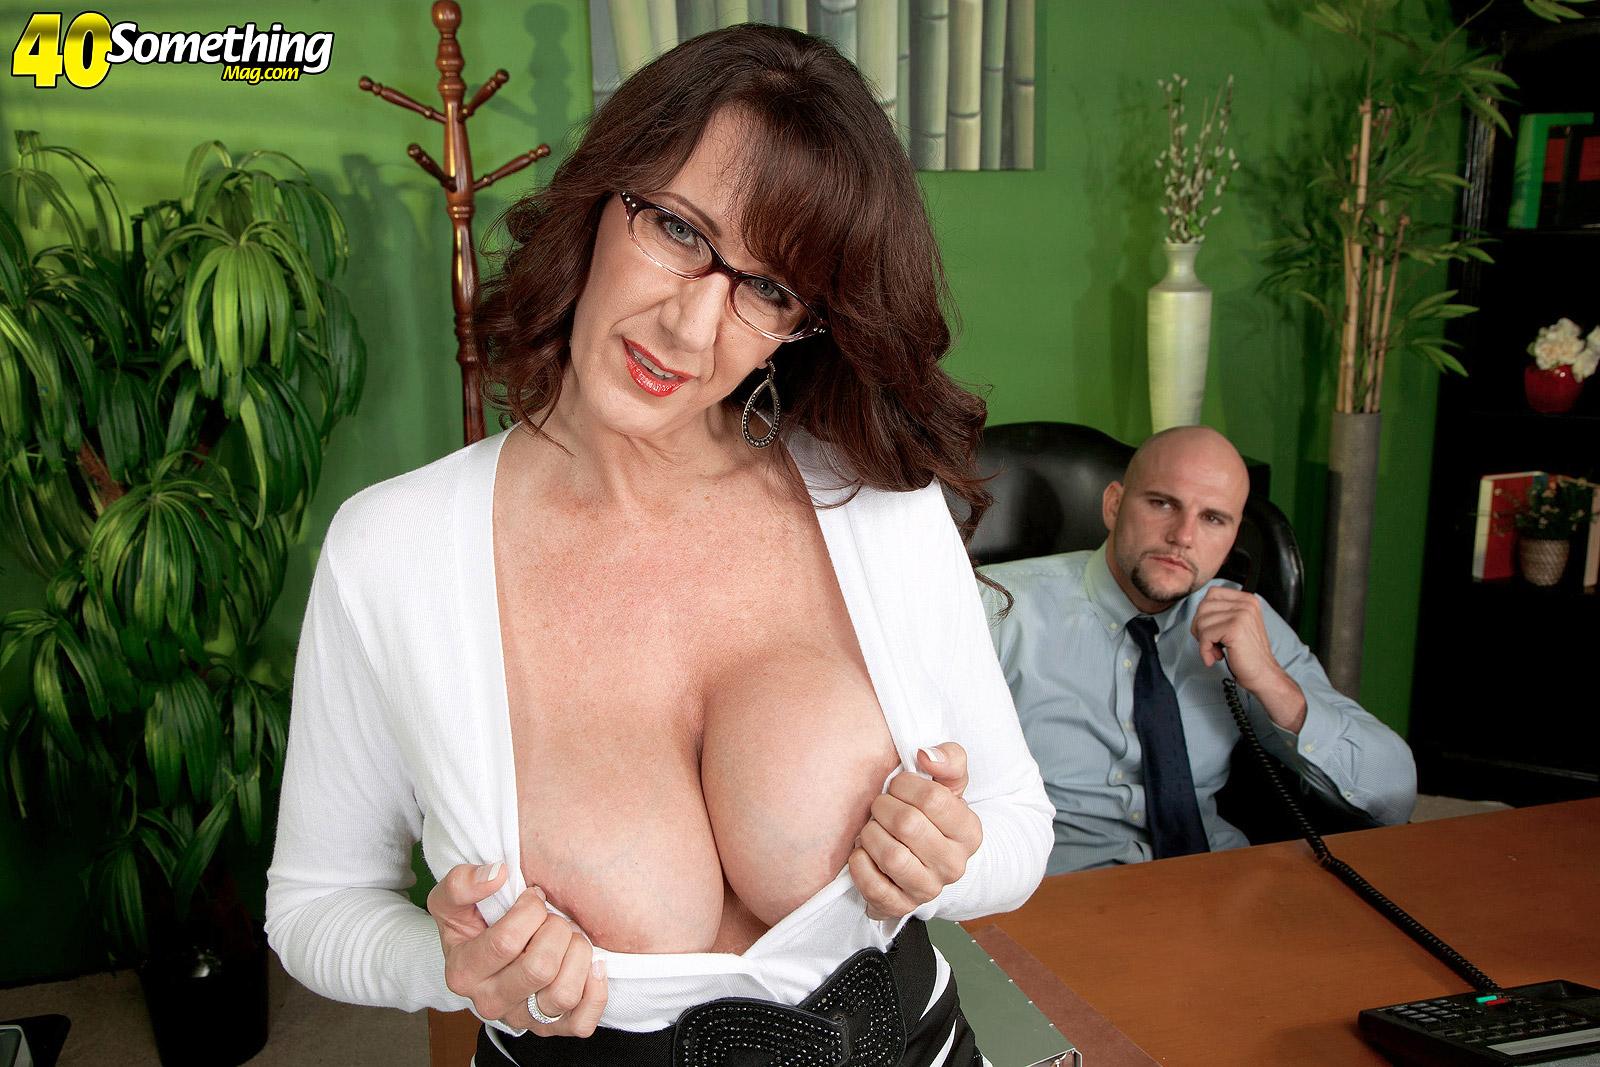 Училка фото зрелая, Сексуальные учительницы (училки) в порно фото архивах 3 фотография